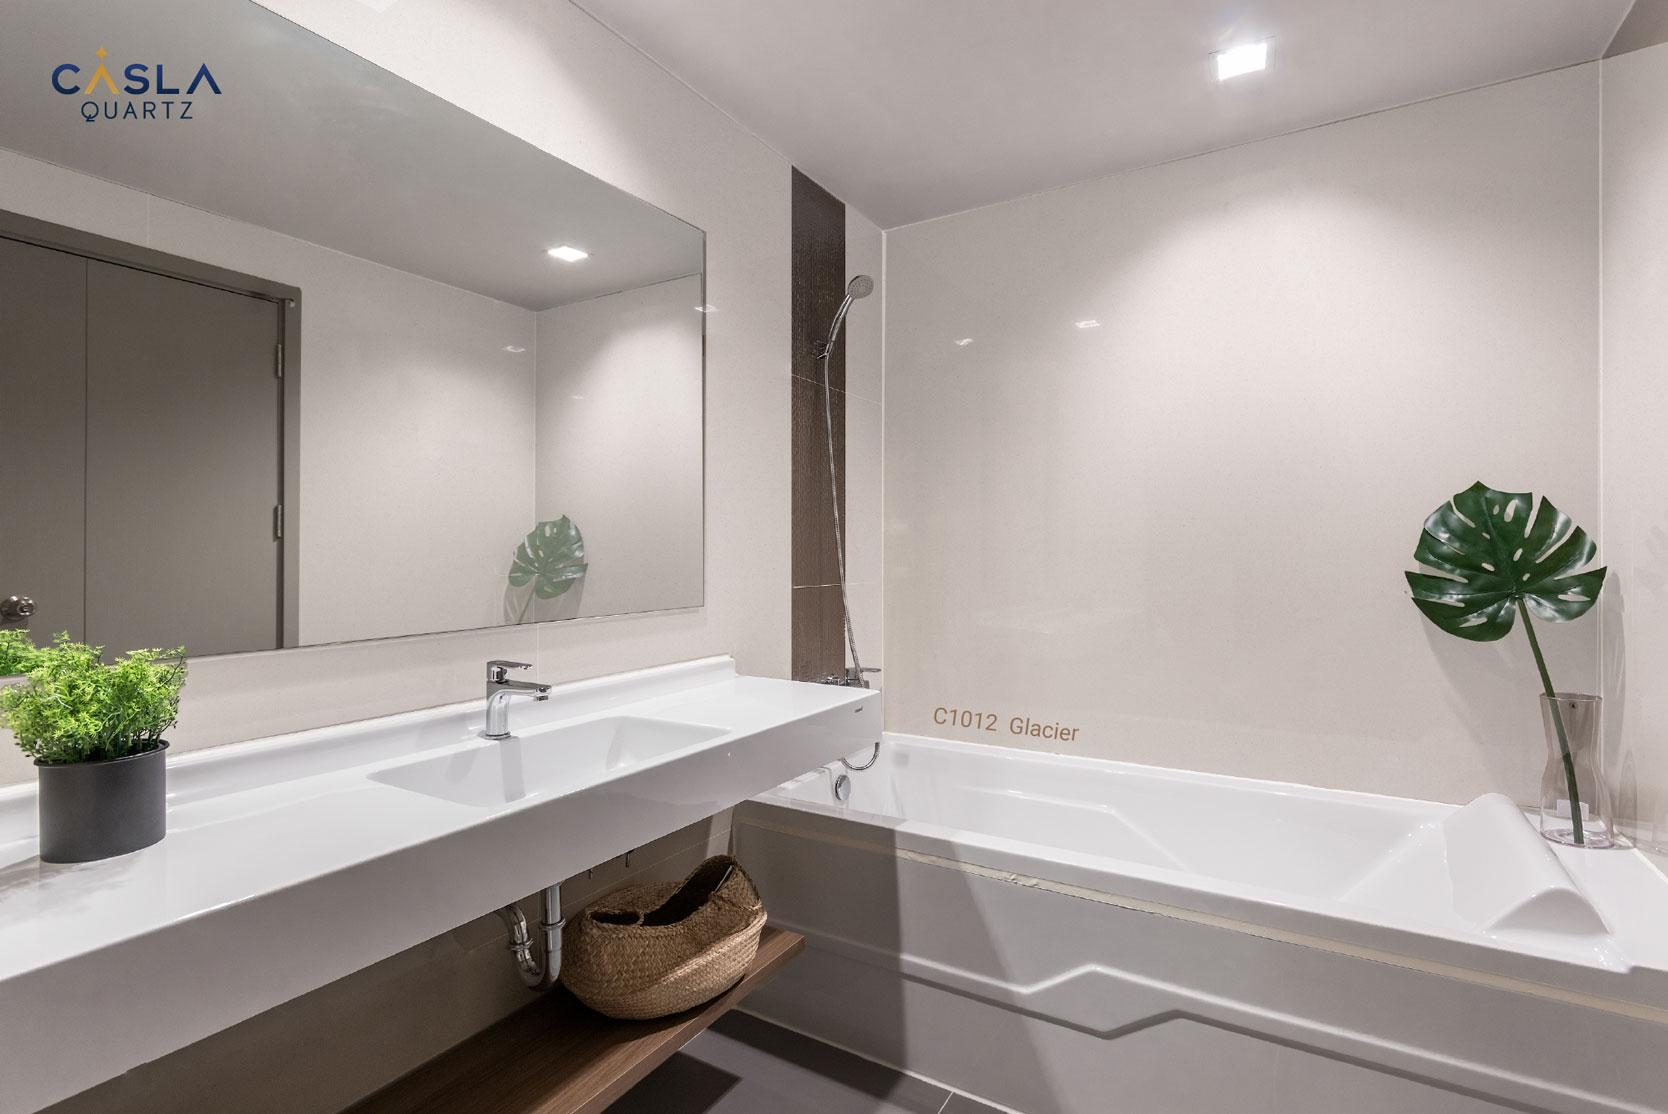 Đá thạch anh nhân tạo Glacier ốp tường phòng tắm, nhà vệ sinh cao cấp